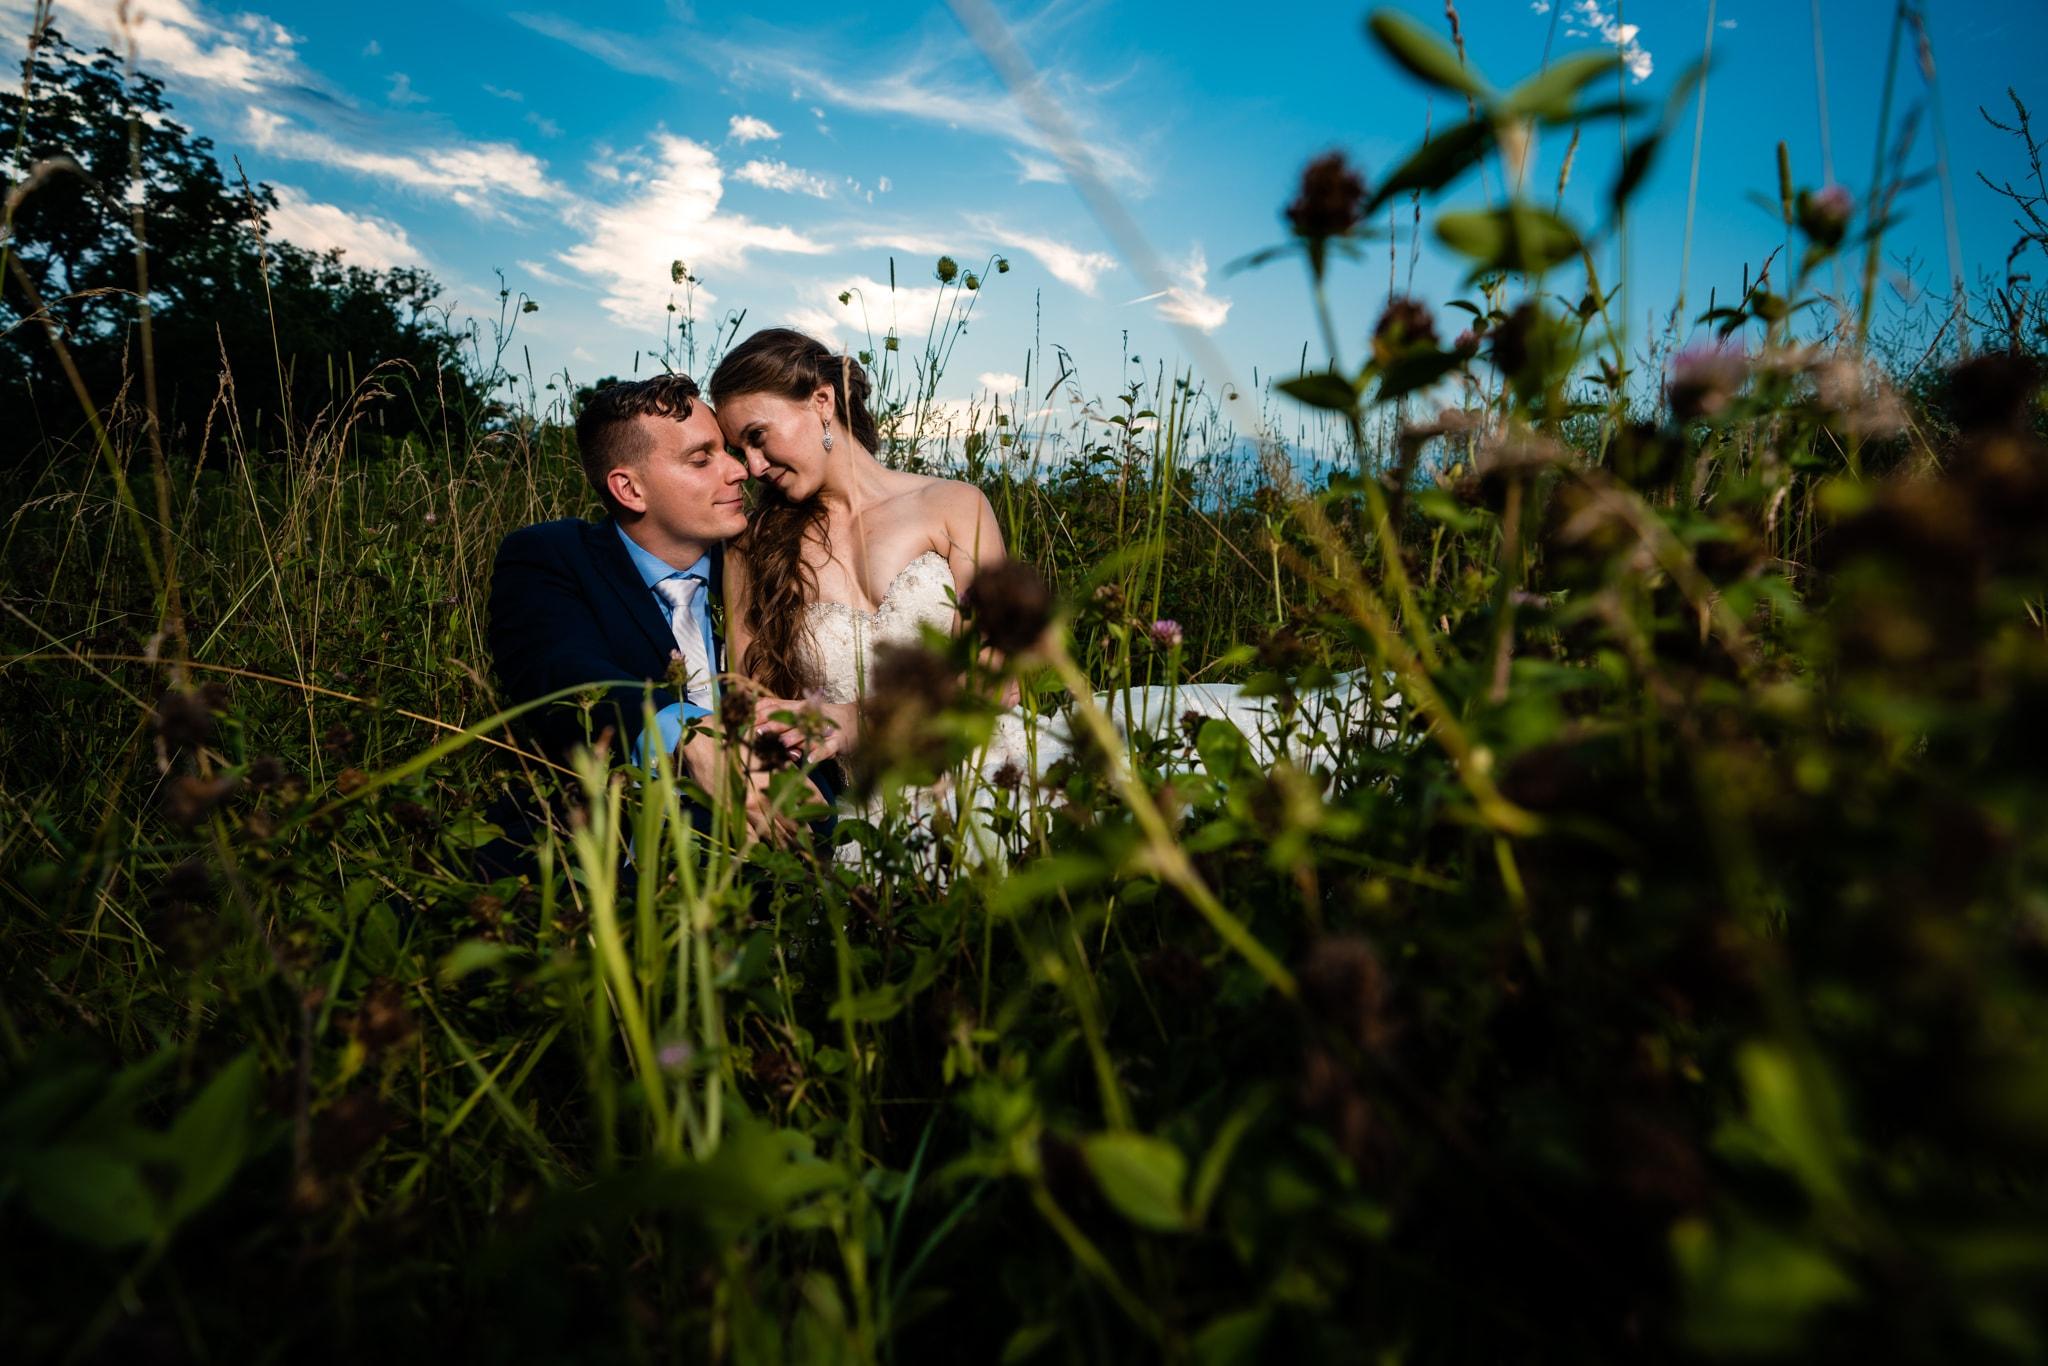 Studio 22 Photography - Ohio Barn Weddings